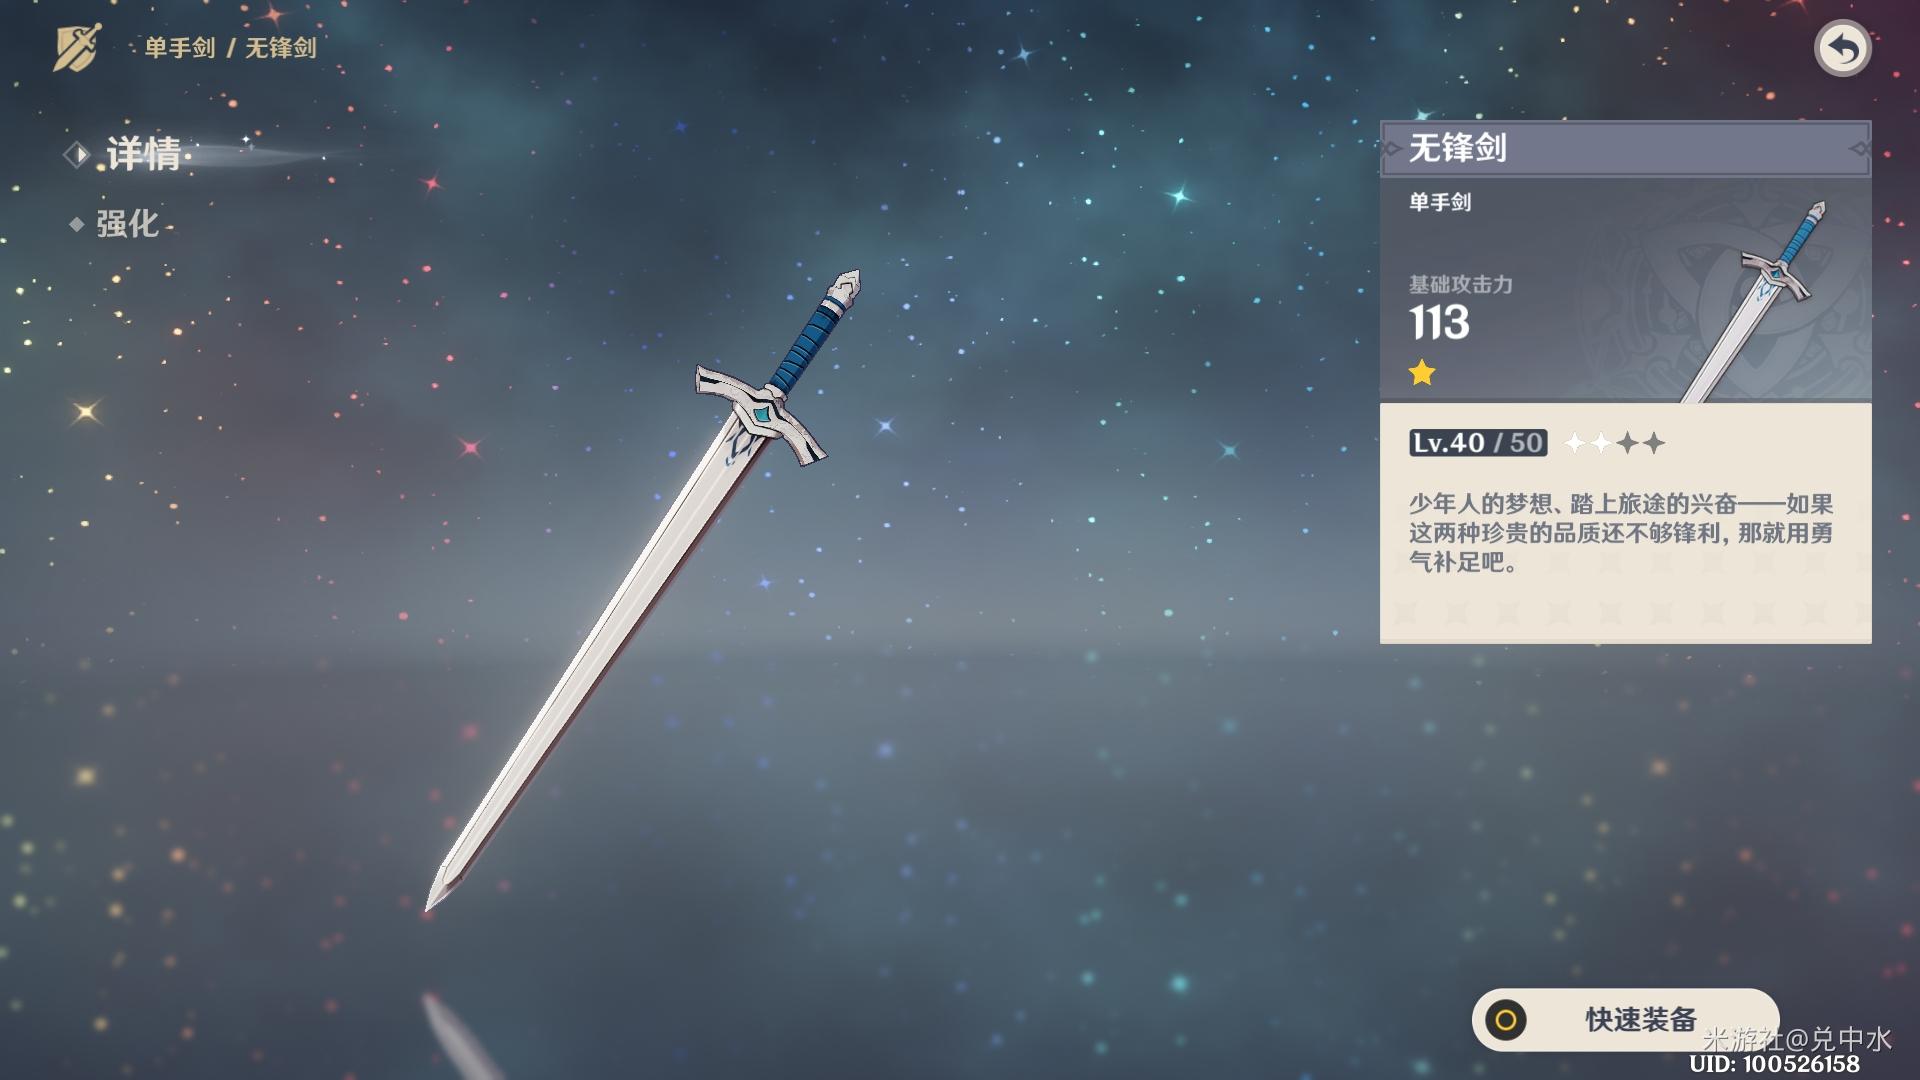 《原神》新手武器二破外观变化